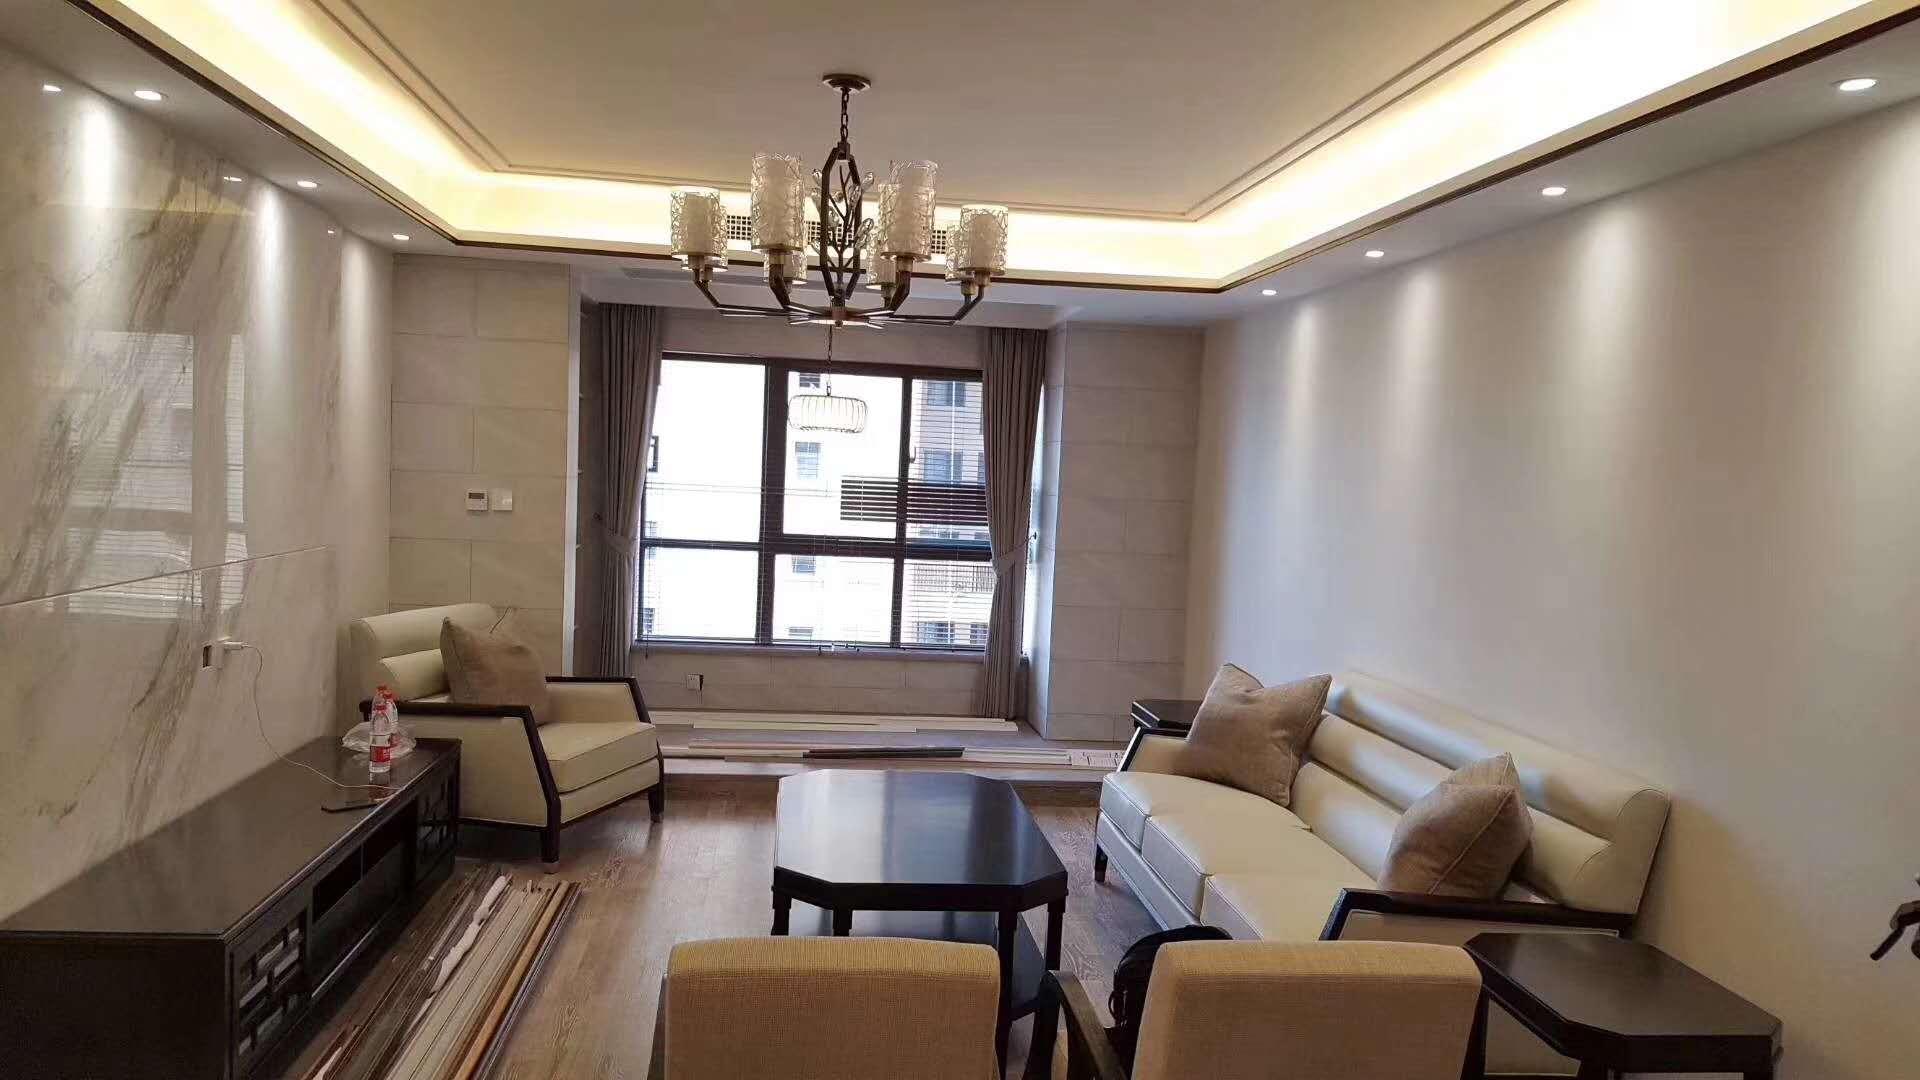 中式古典 三居 白领 小资 客厅图片来自陕西峰光无限装饰在西派国际三室两厅两卫的分享